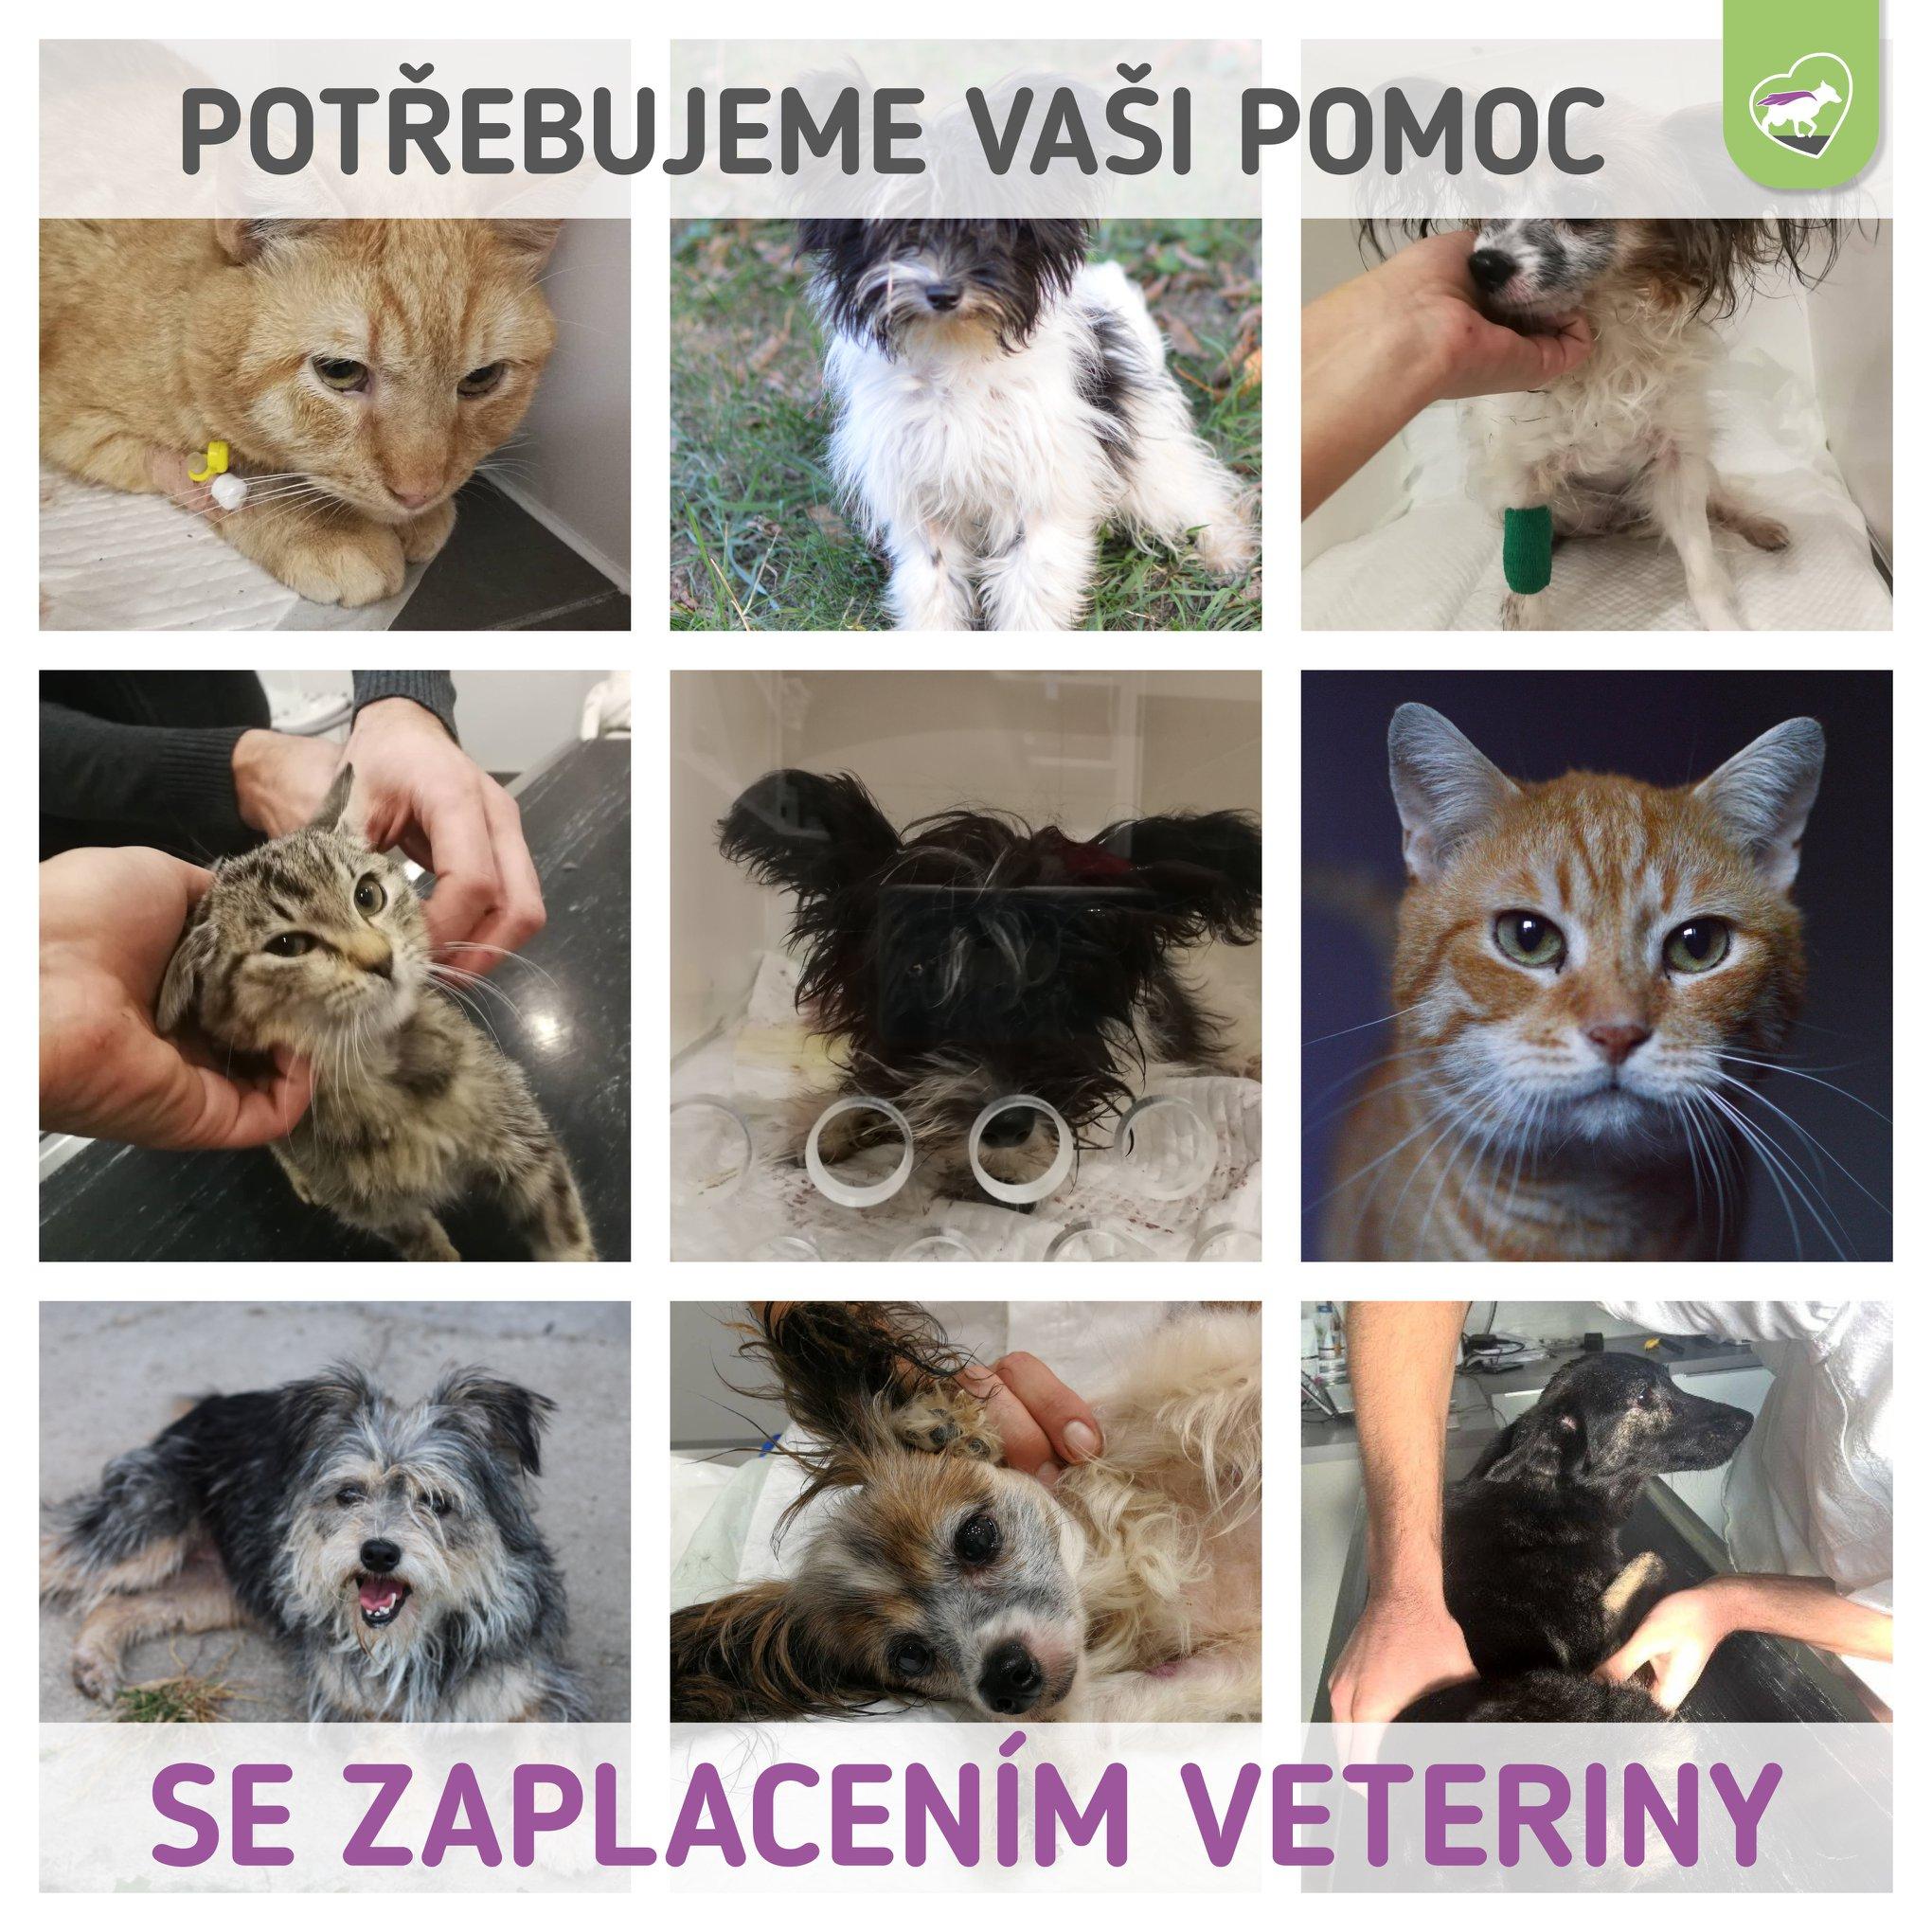 Potřebujeme vaši pomoc se zaplacením veteriny